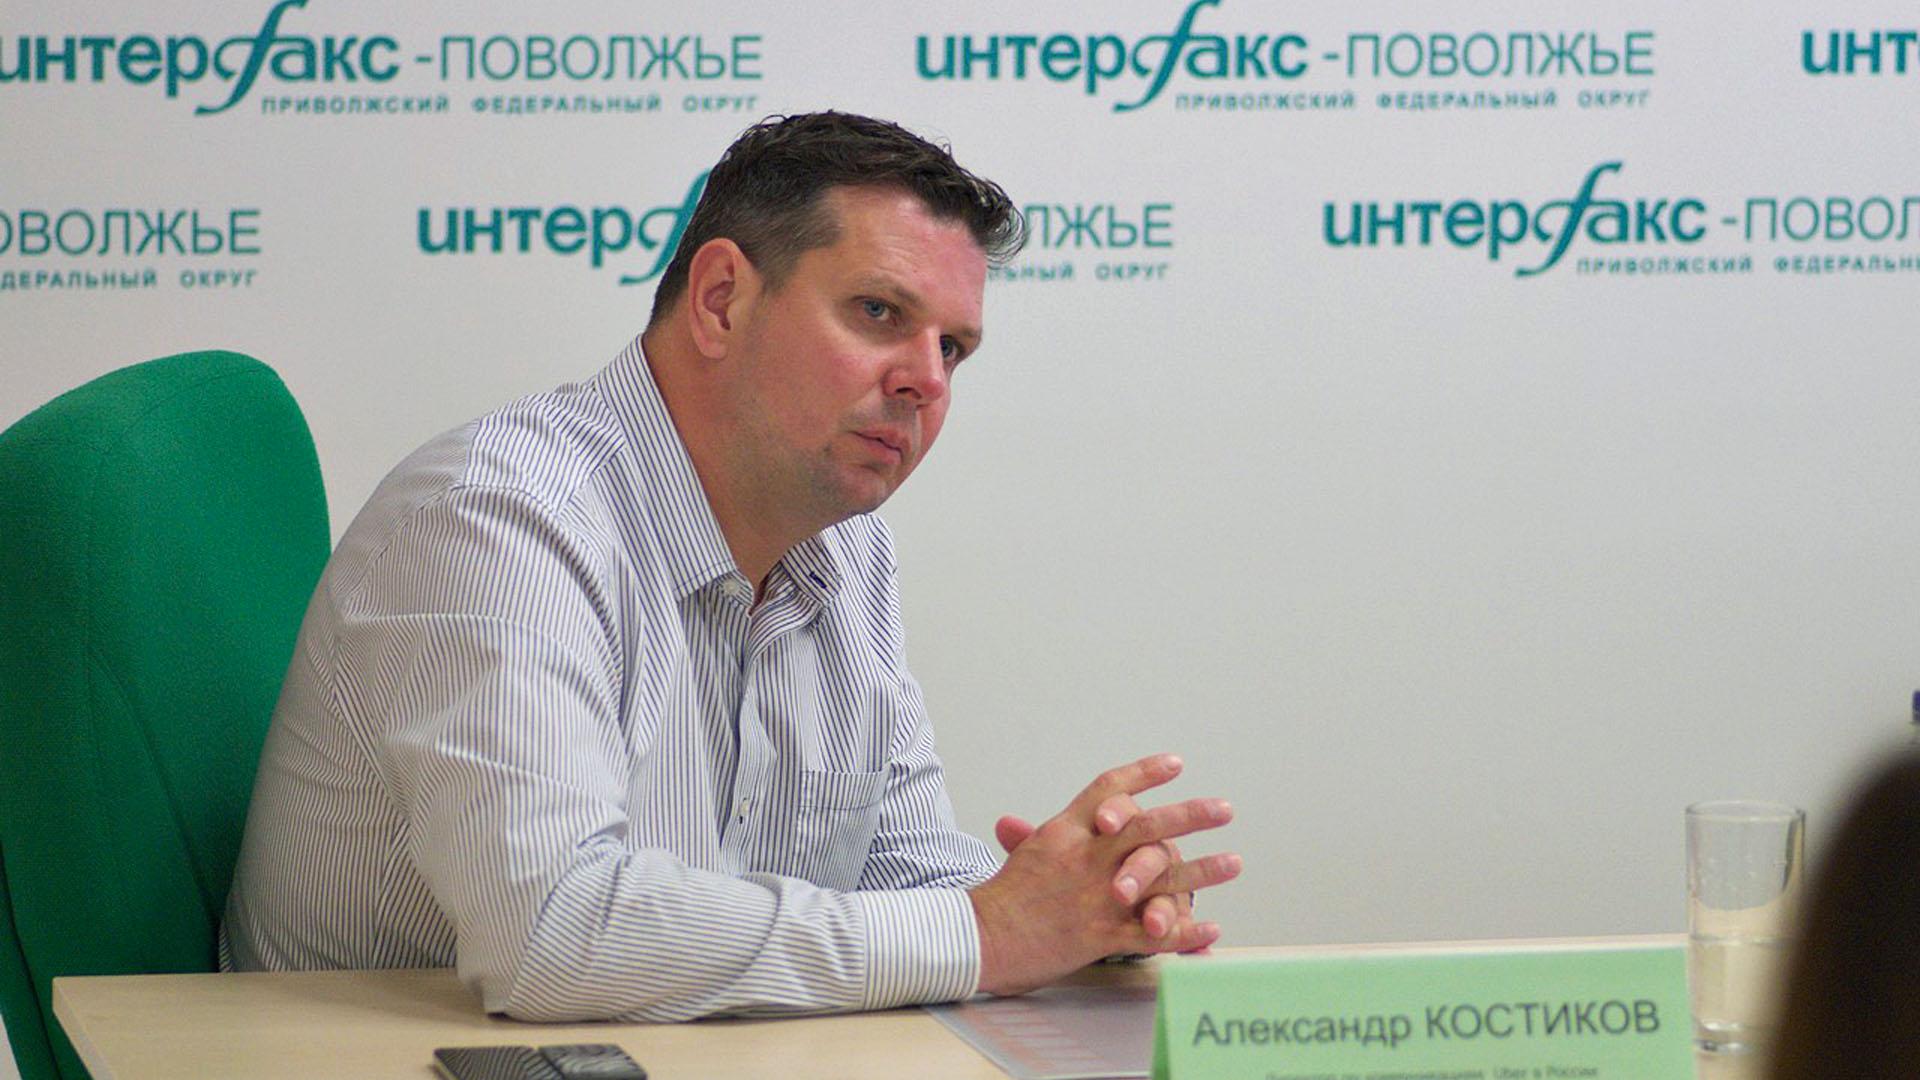 Поздравляем с днем рождения Александра Костикова!